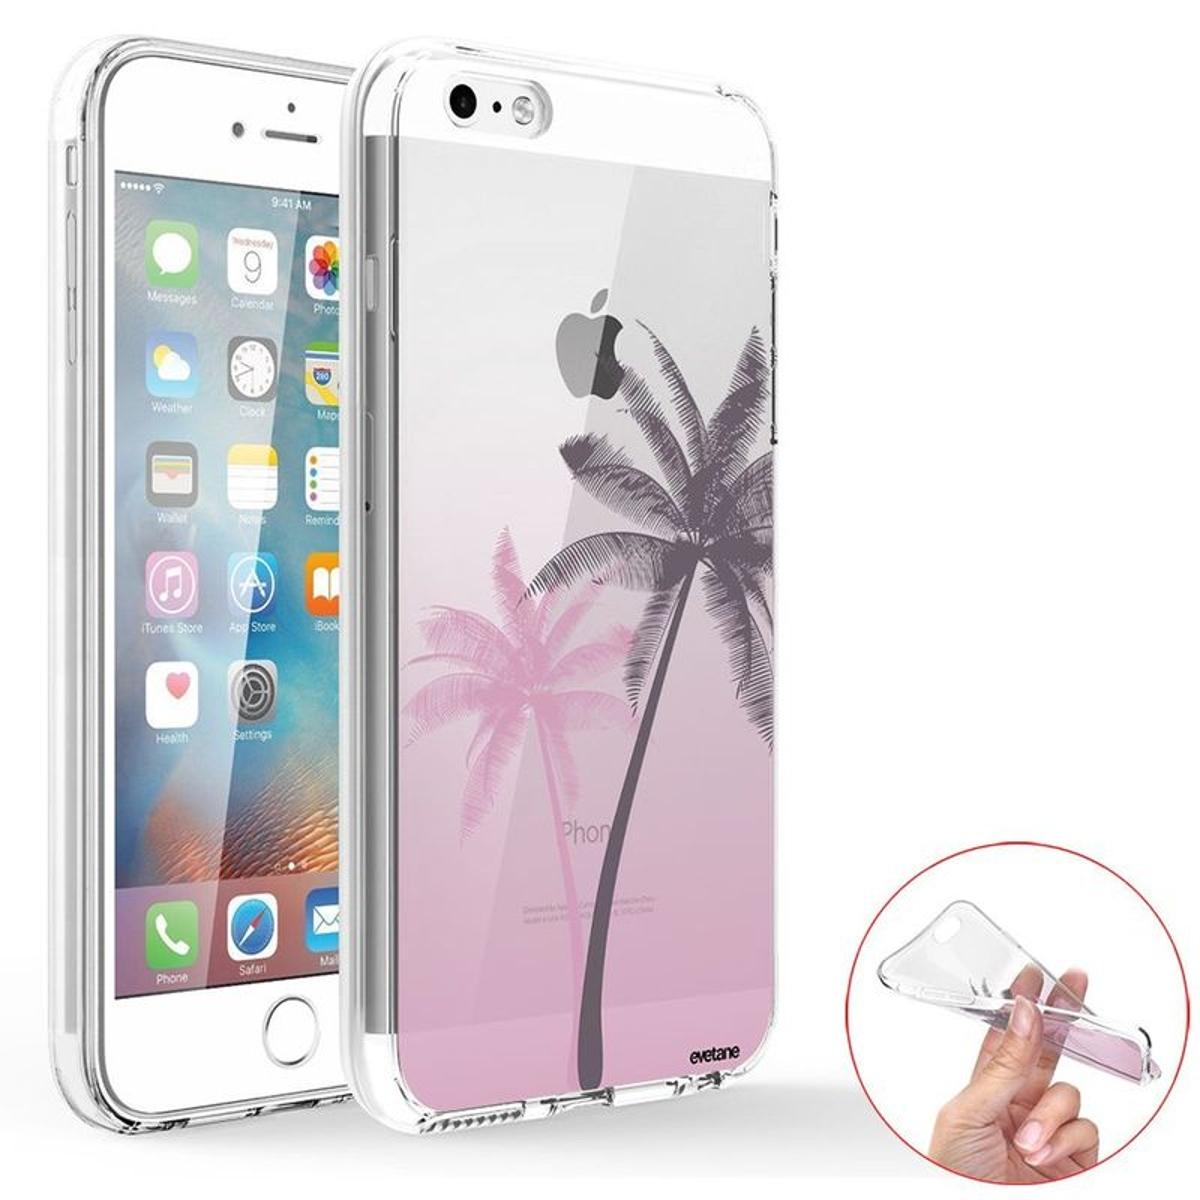 Coque iPhone SE / 5S / 5 360 intégrale transparente, Palmiers et Dégradé, Evetane®